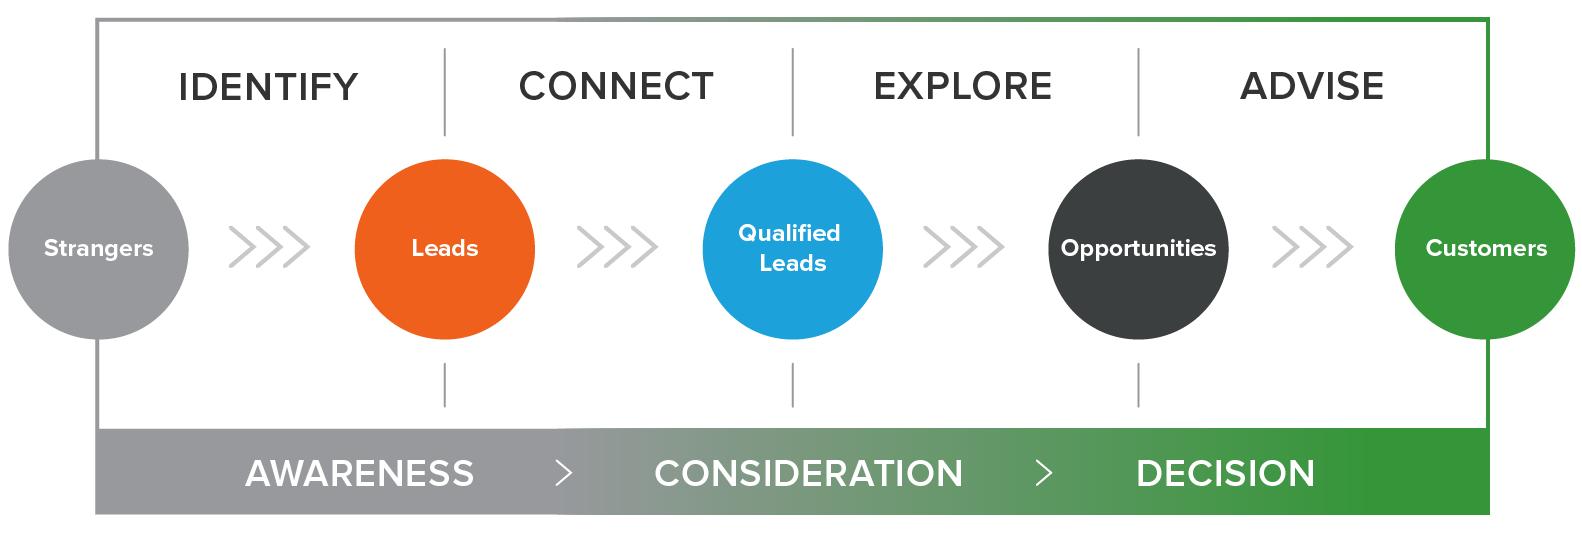 inbound sales methodology diagram